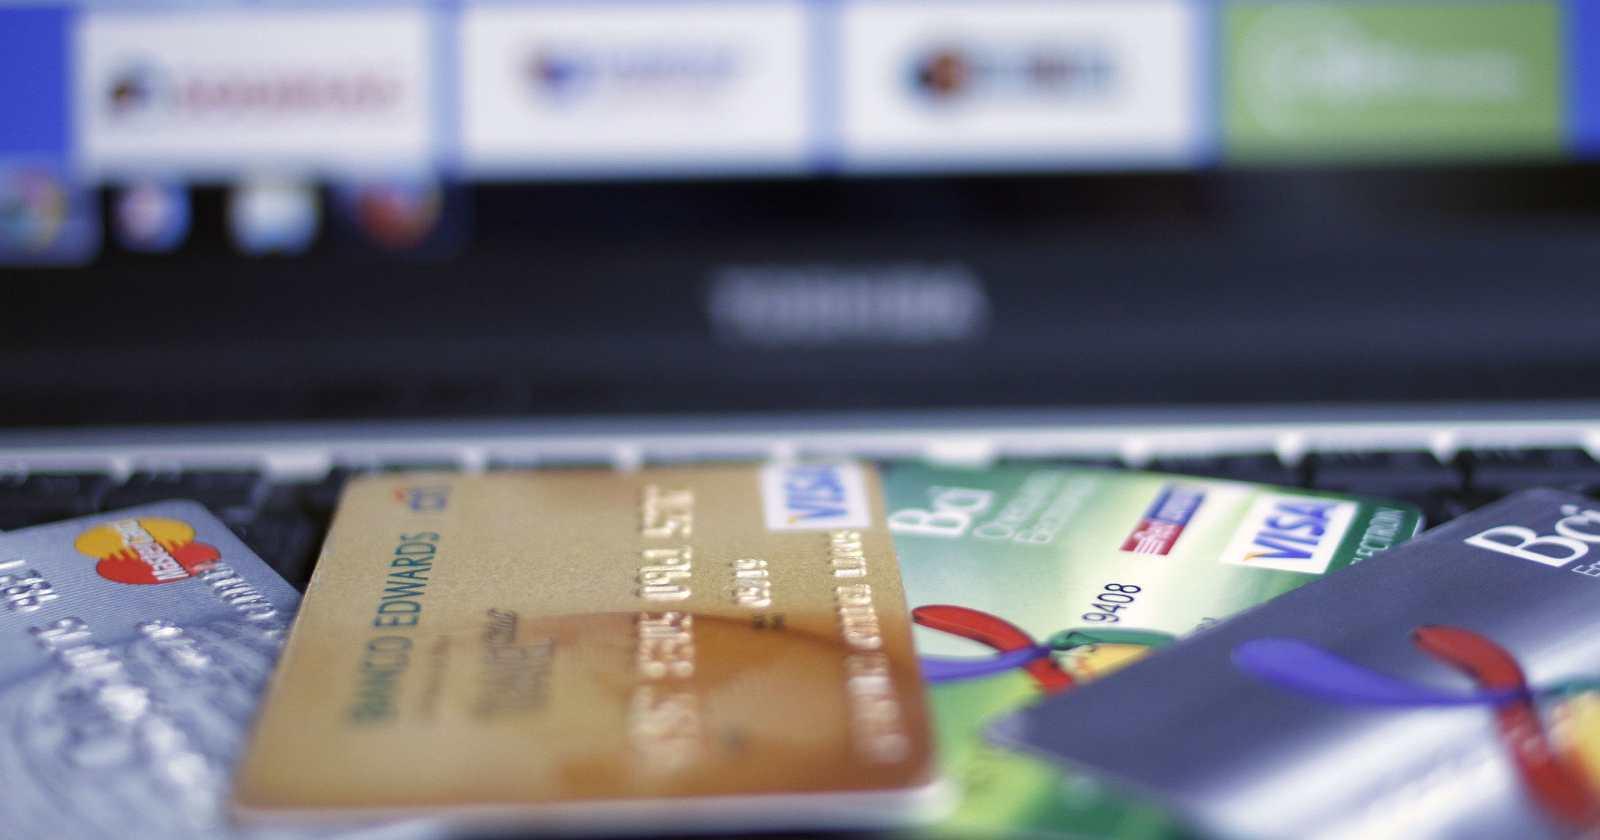 Delitos con tarjeta de crédito serán con cargo a los bancos